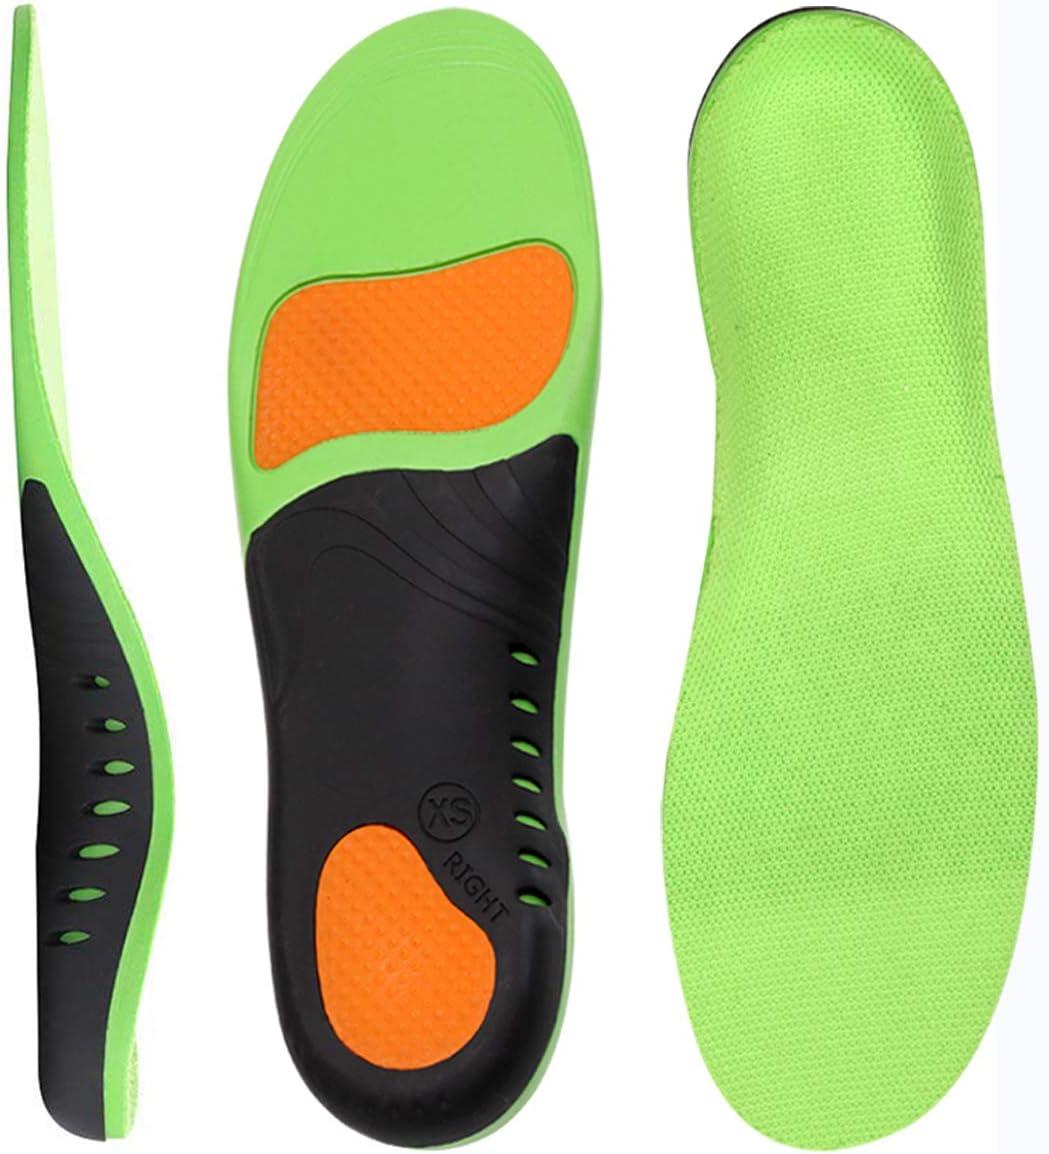 Best Shoe Inserts Plantar Fasciitis